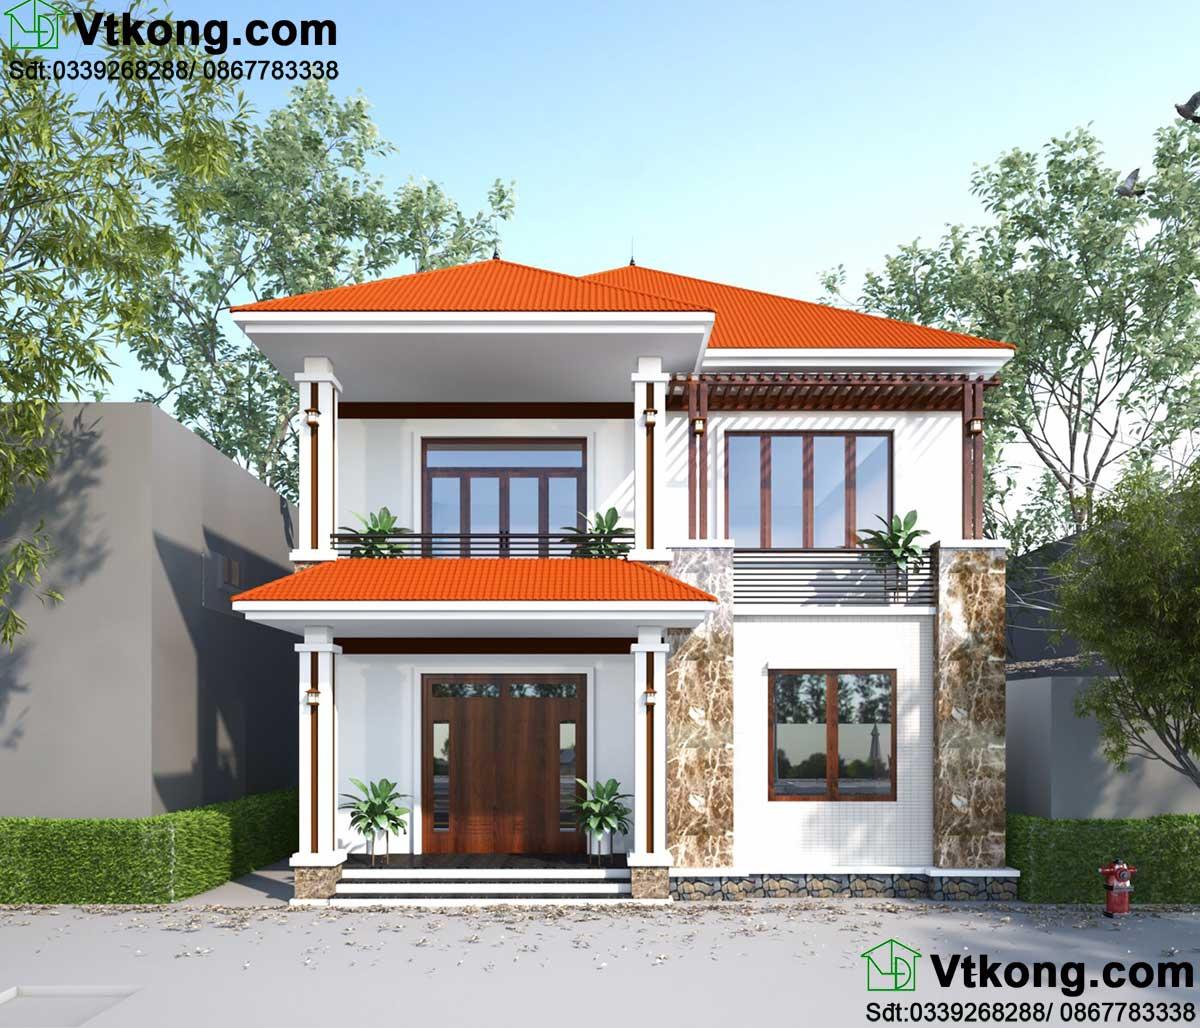 Biệt thự 2 tầng 10x10m mái thái mini tại Hà Nội BT2T48